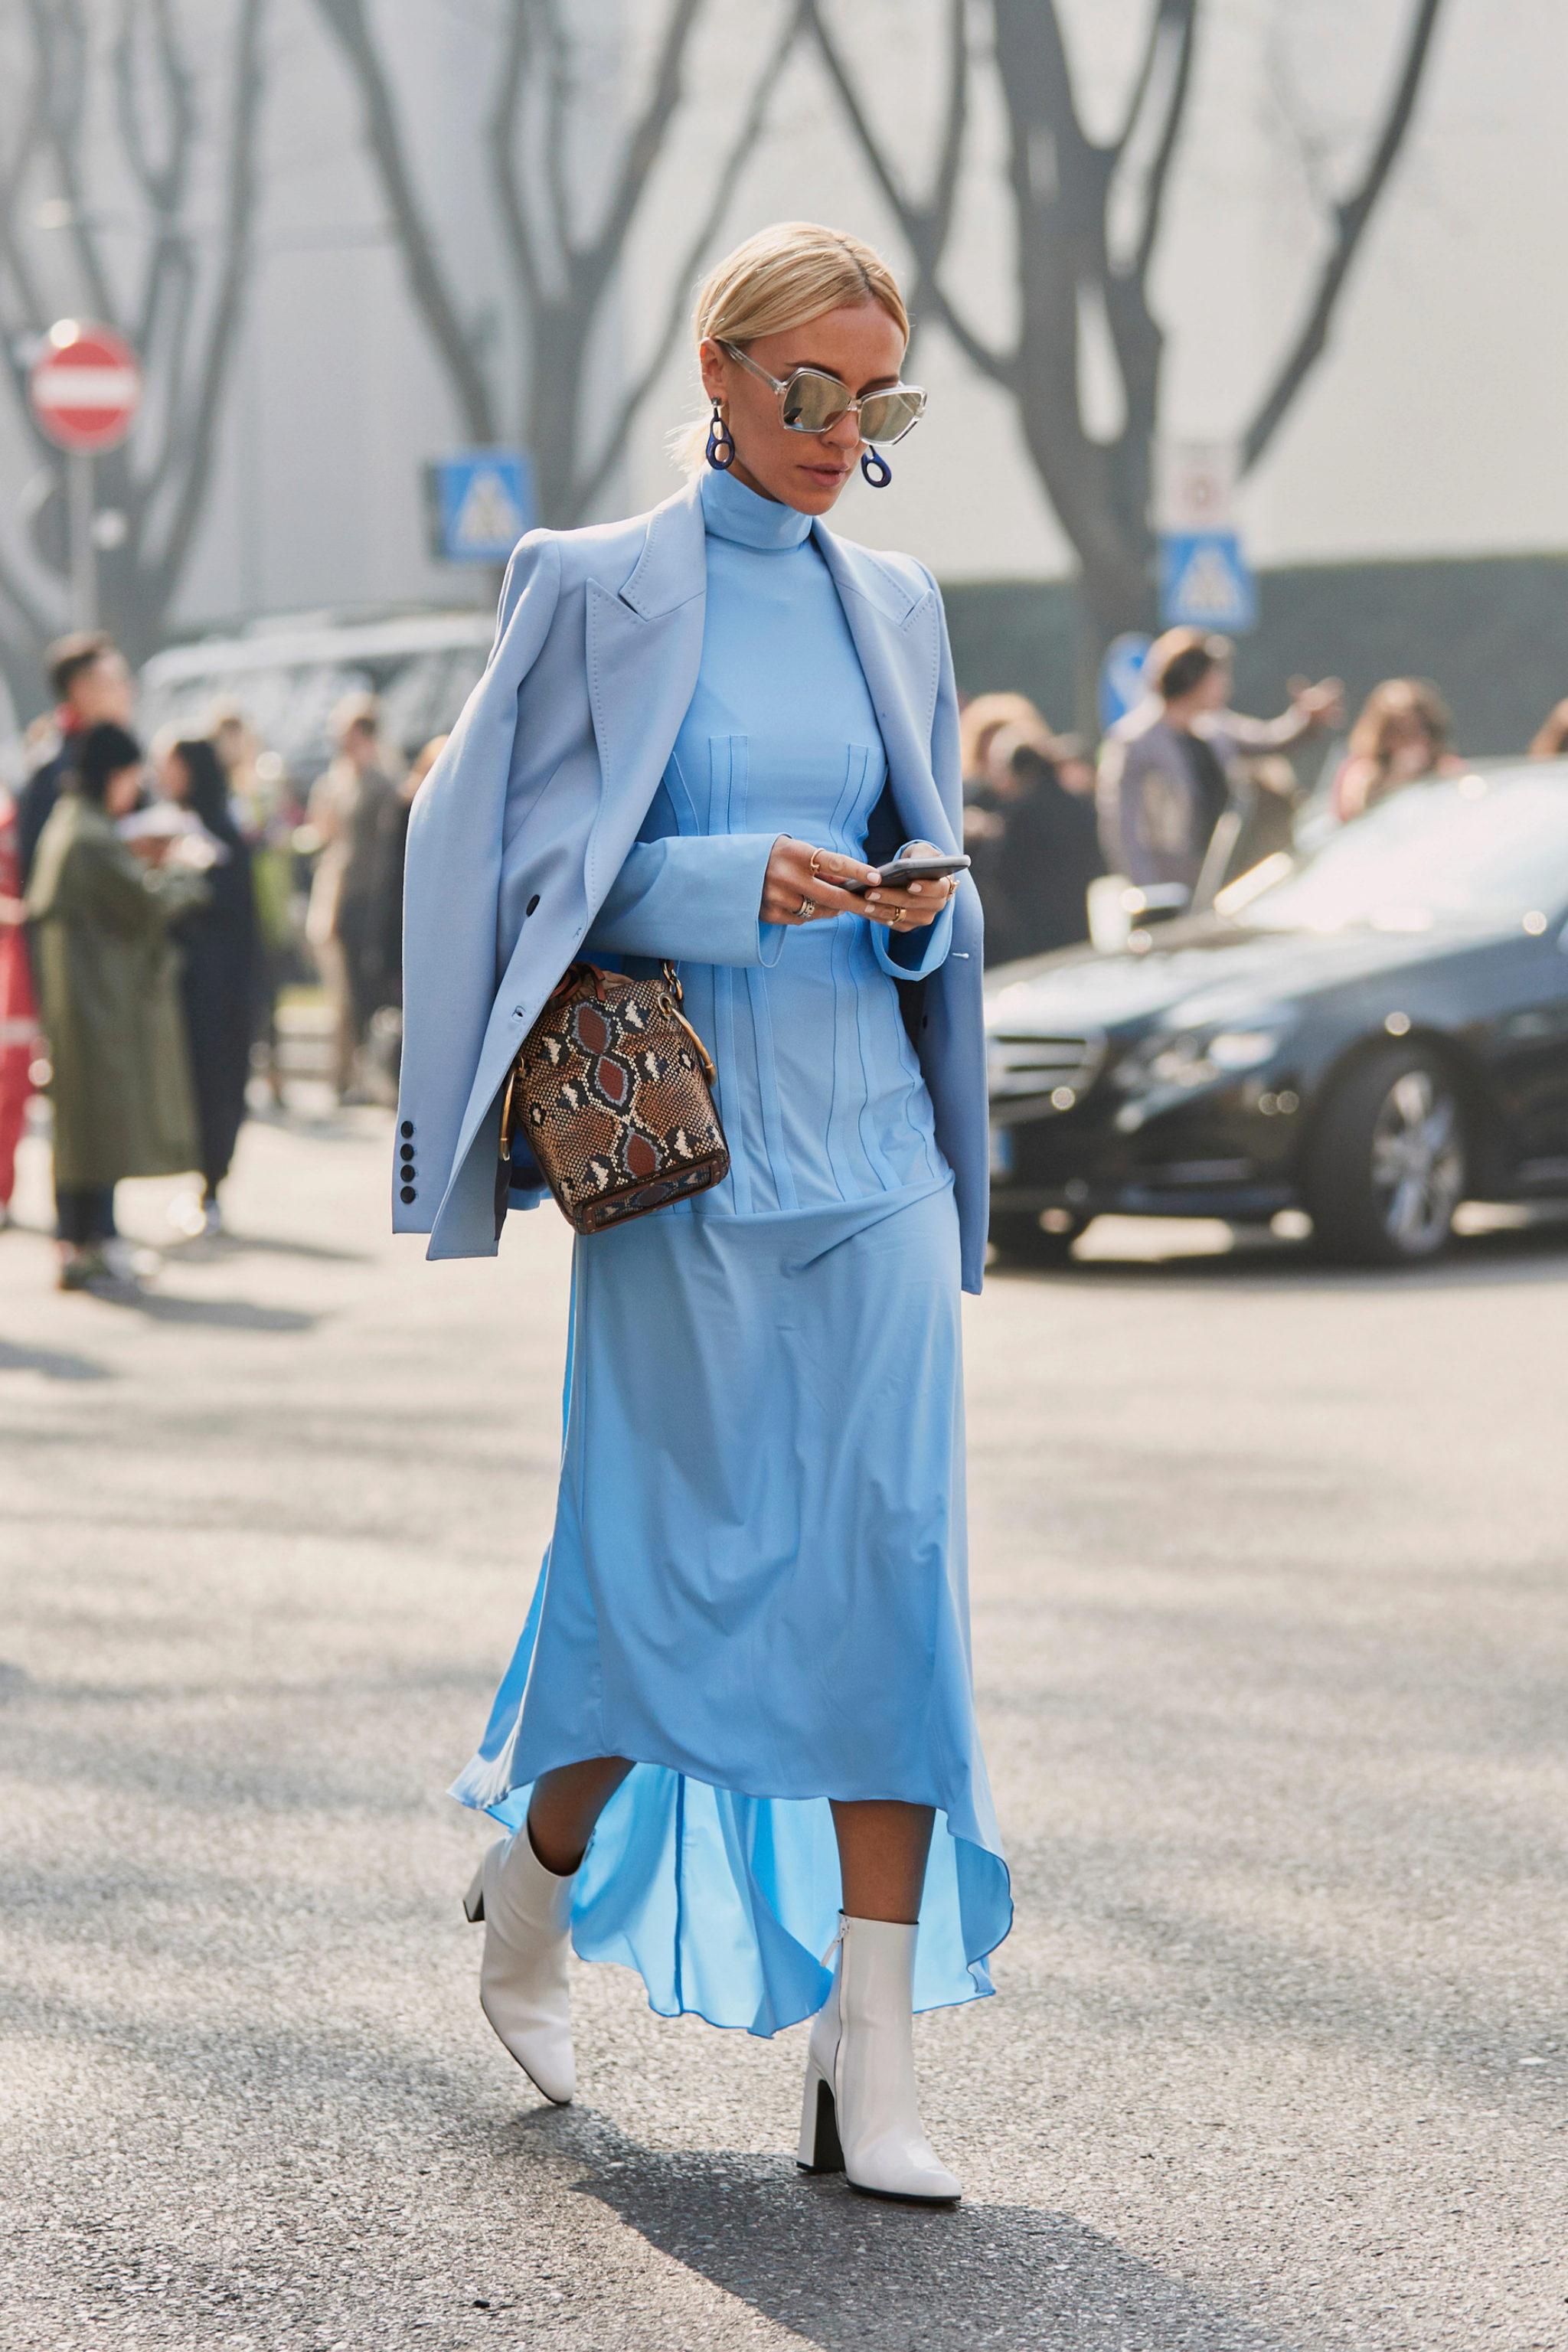 El azul en femenino sería un estilismo con este, en el azul más 'baby' de la paleta